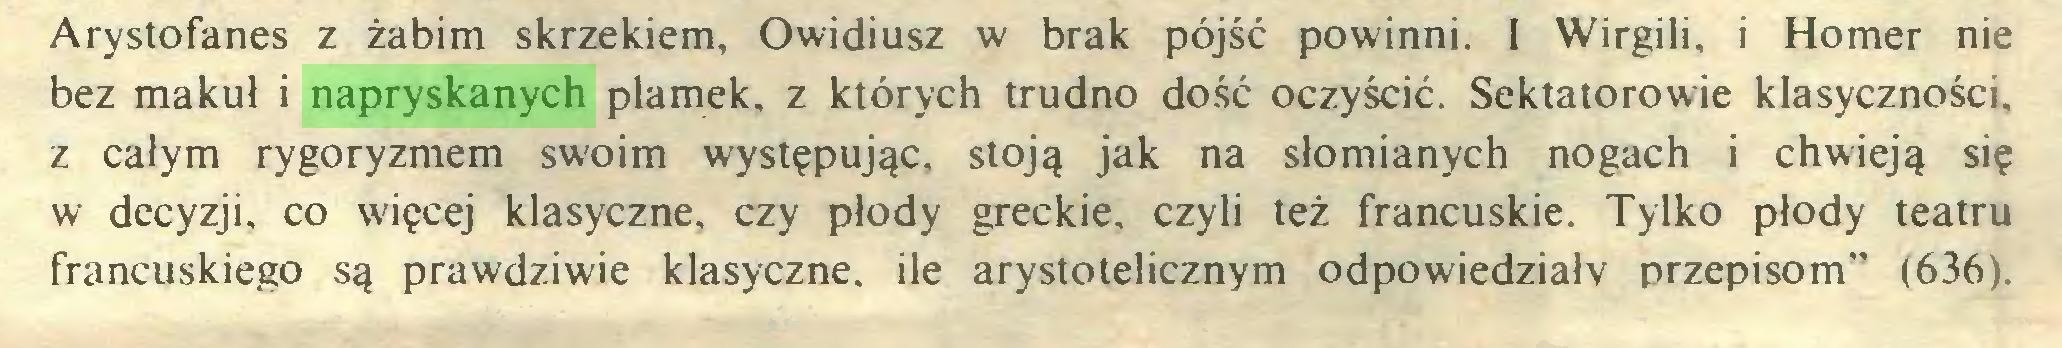 """(...) Arystofanes z żabim skrzekiem, Owidiusz w brak pójść powinni. I Wirgili, i Homer nie bez maku! i napryskanych plamek, z których trudno dość oczyścić. Sektatorowie klasyczności, z całym rygoryzmem swoim występując, stoją jak na słomianych nogach i chwieją się w decyzji, co więcej klasyczne, czy płody greckie, czyli też francuskie. Tylko płody teatru francuskiego są prawdziwie klasyczne, ile arystotelicznym odpowiedziały przepisom"""" (636)..."""